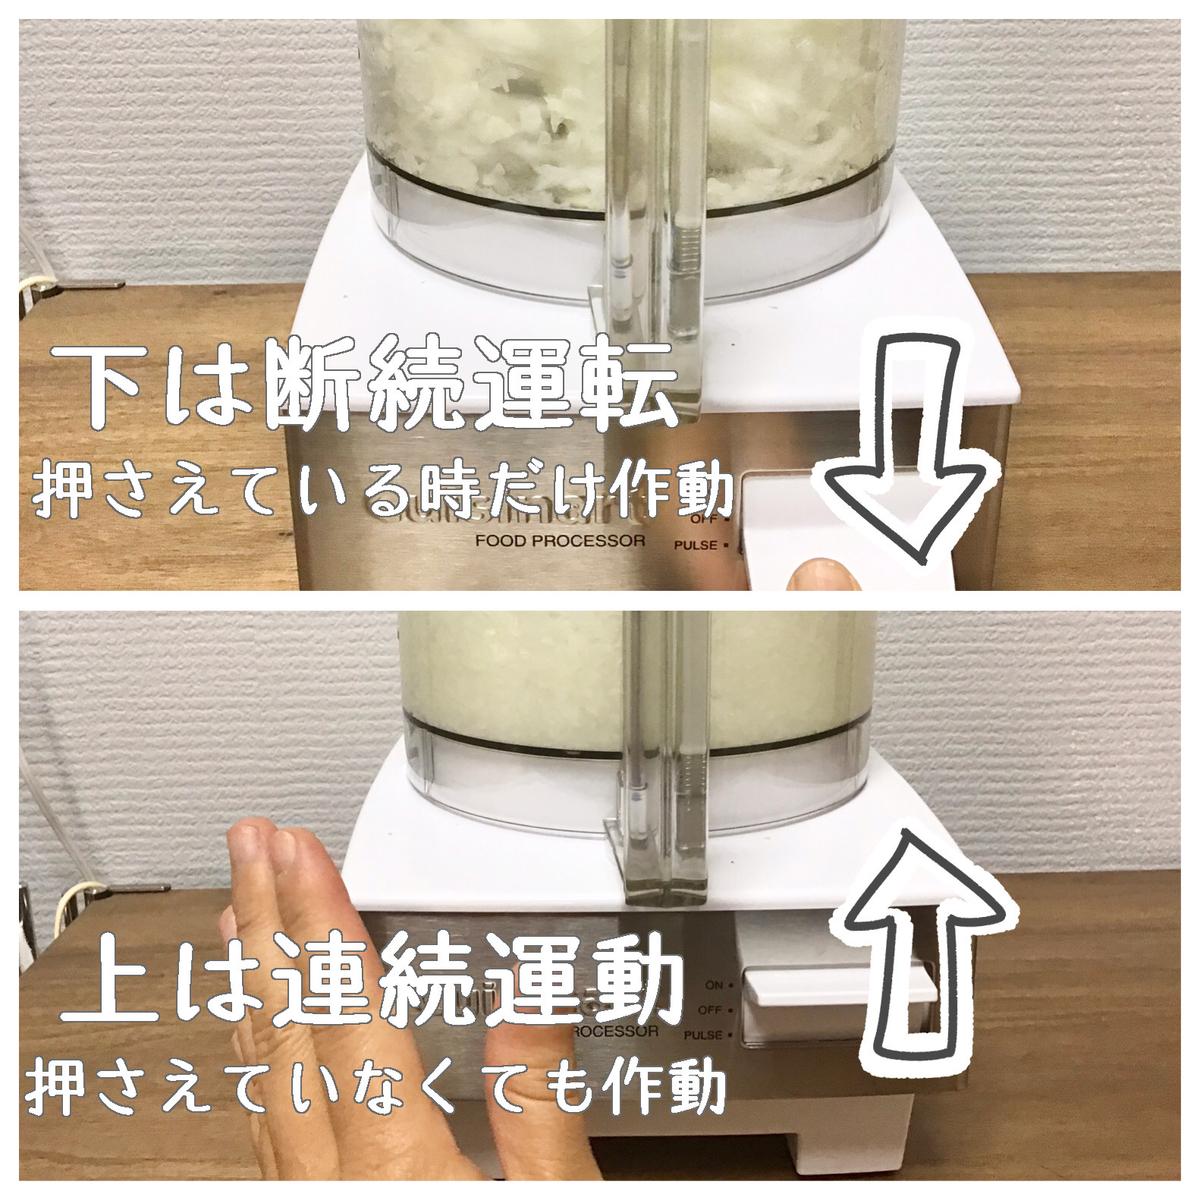 f:id:mikiyama:20200601143317j:plain